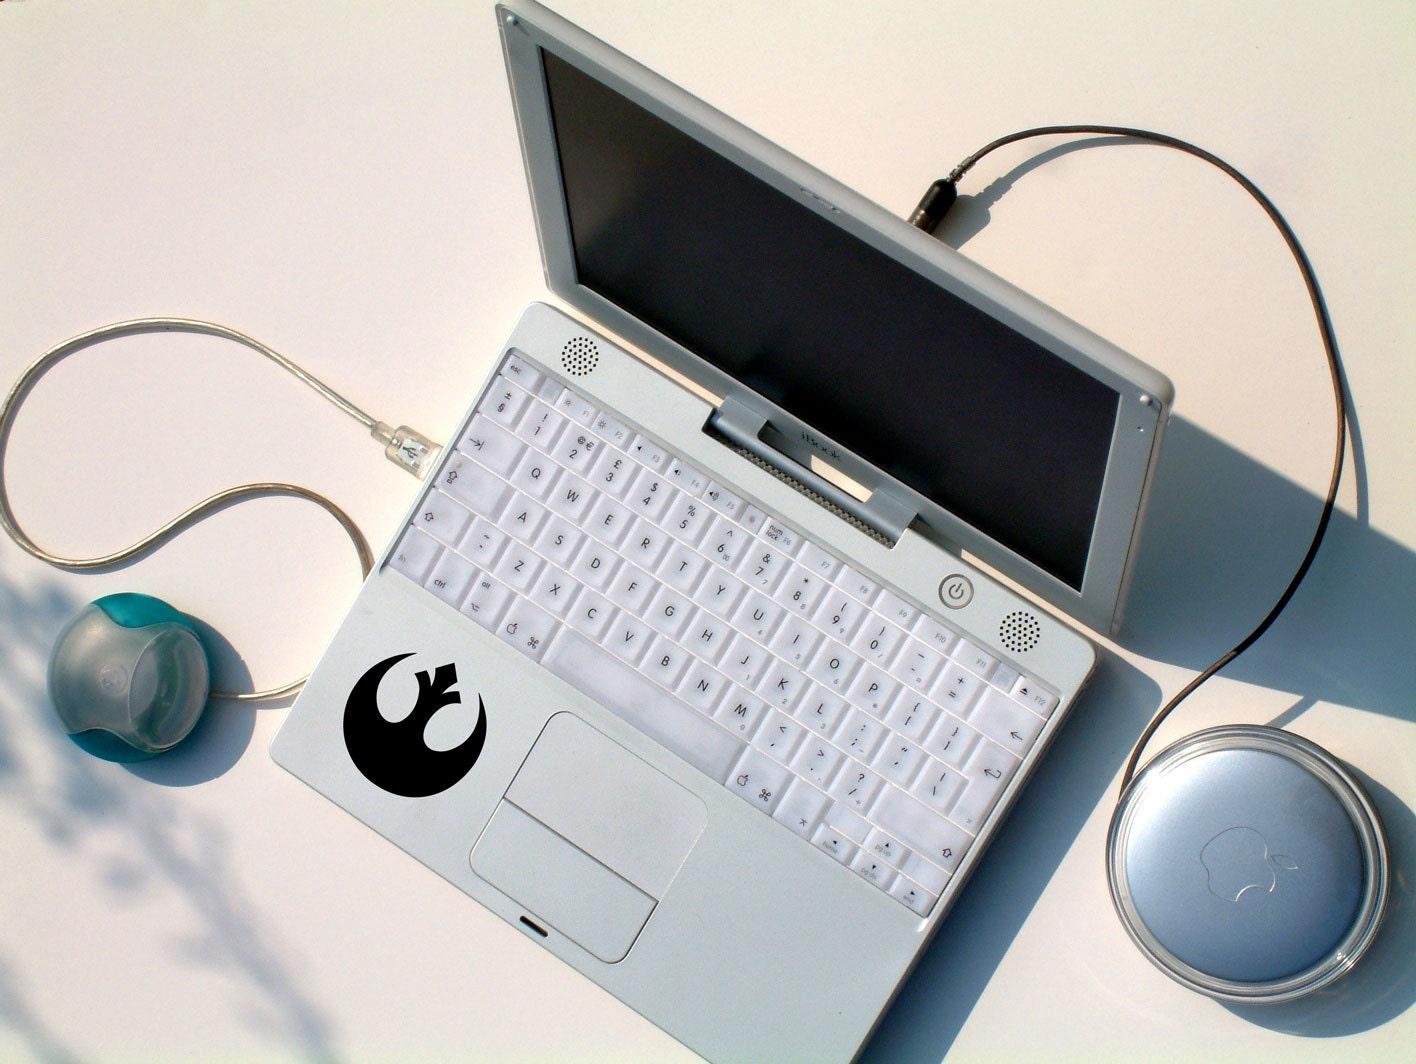 Star Wars Inspired Decal Sticker Rebel Alliance Laptop Sticker Star Wars Rebellion Decal MacBook Sticker Window Sticker Gift For SW Fan